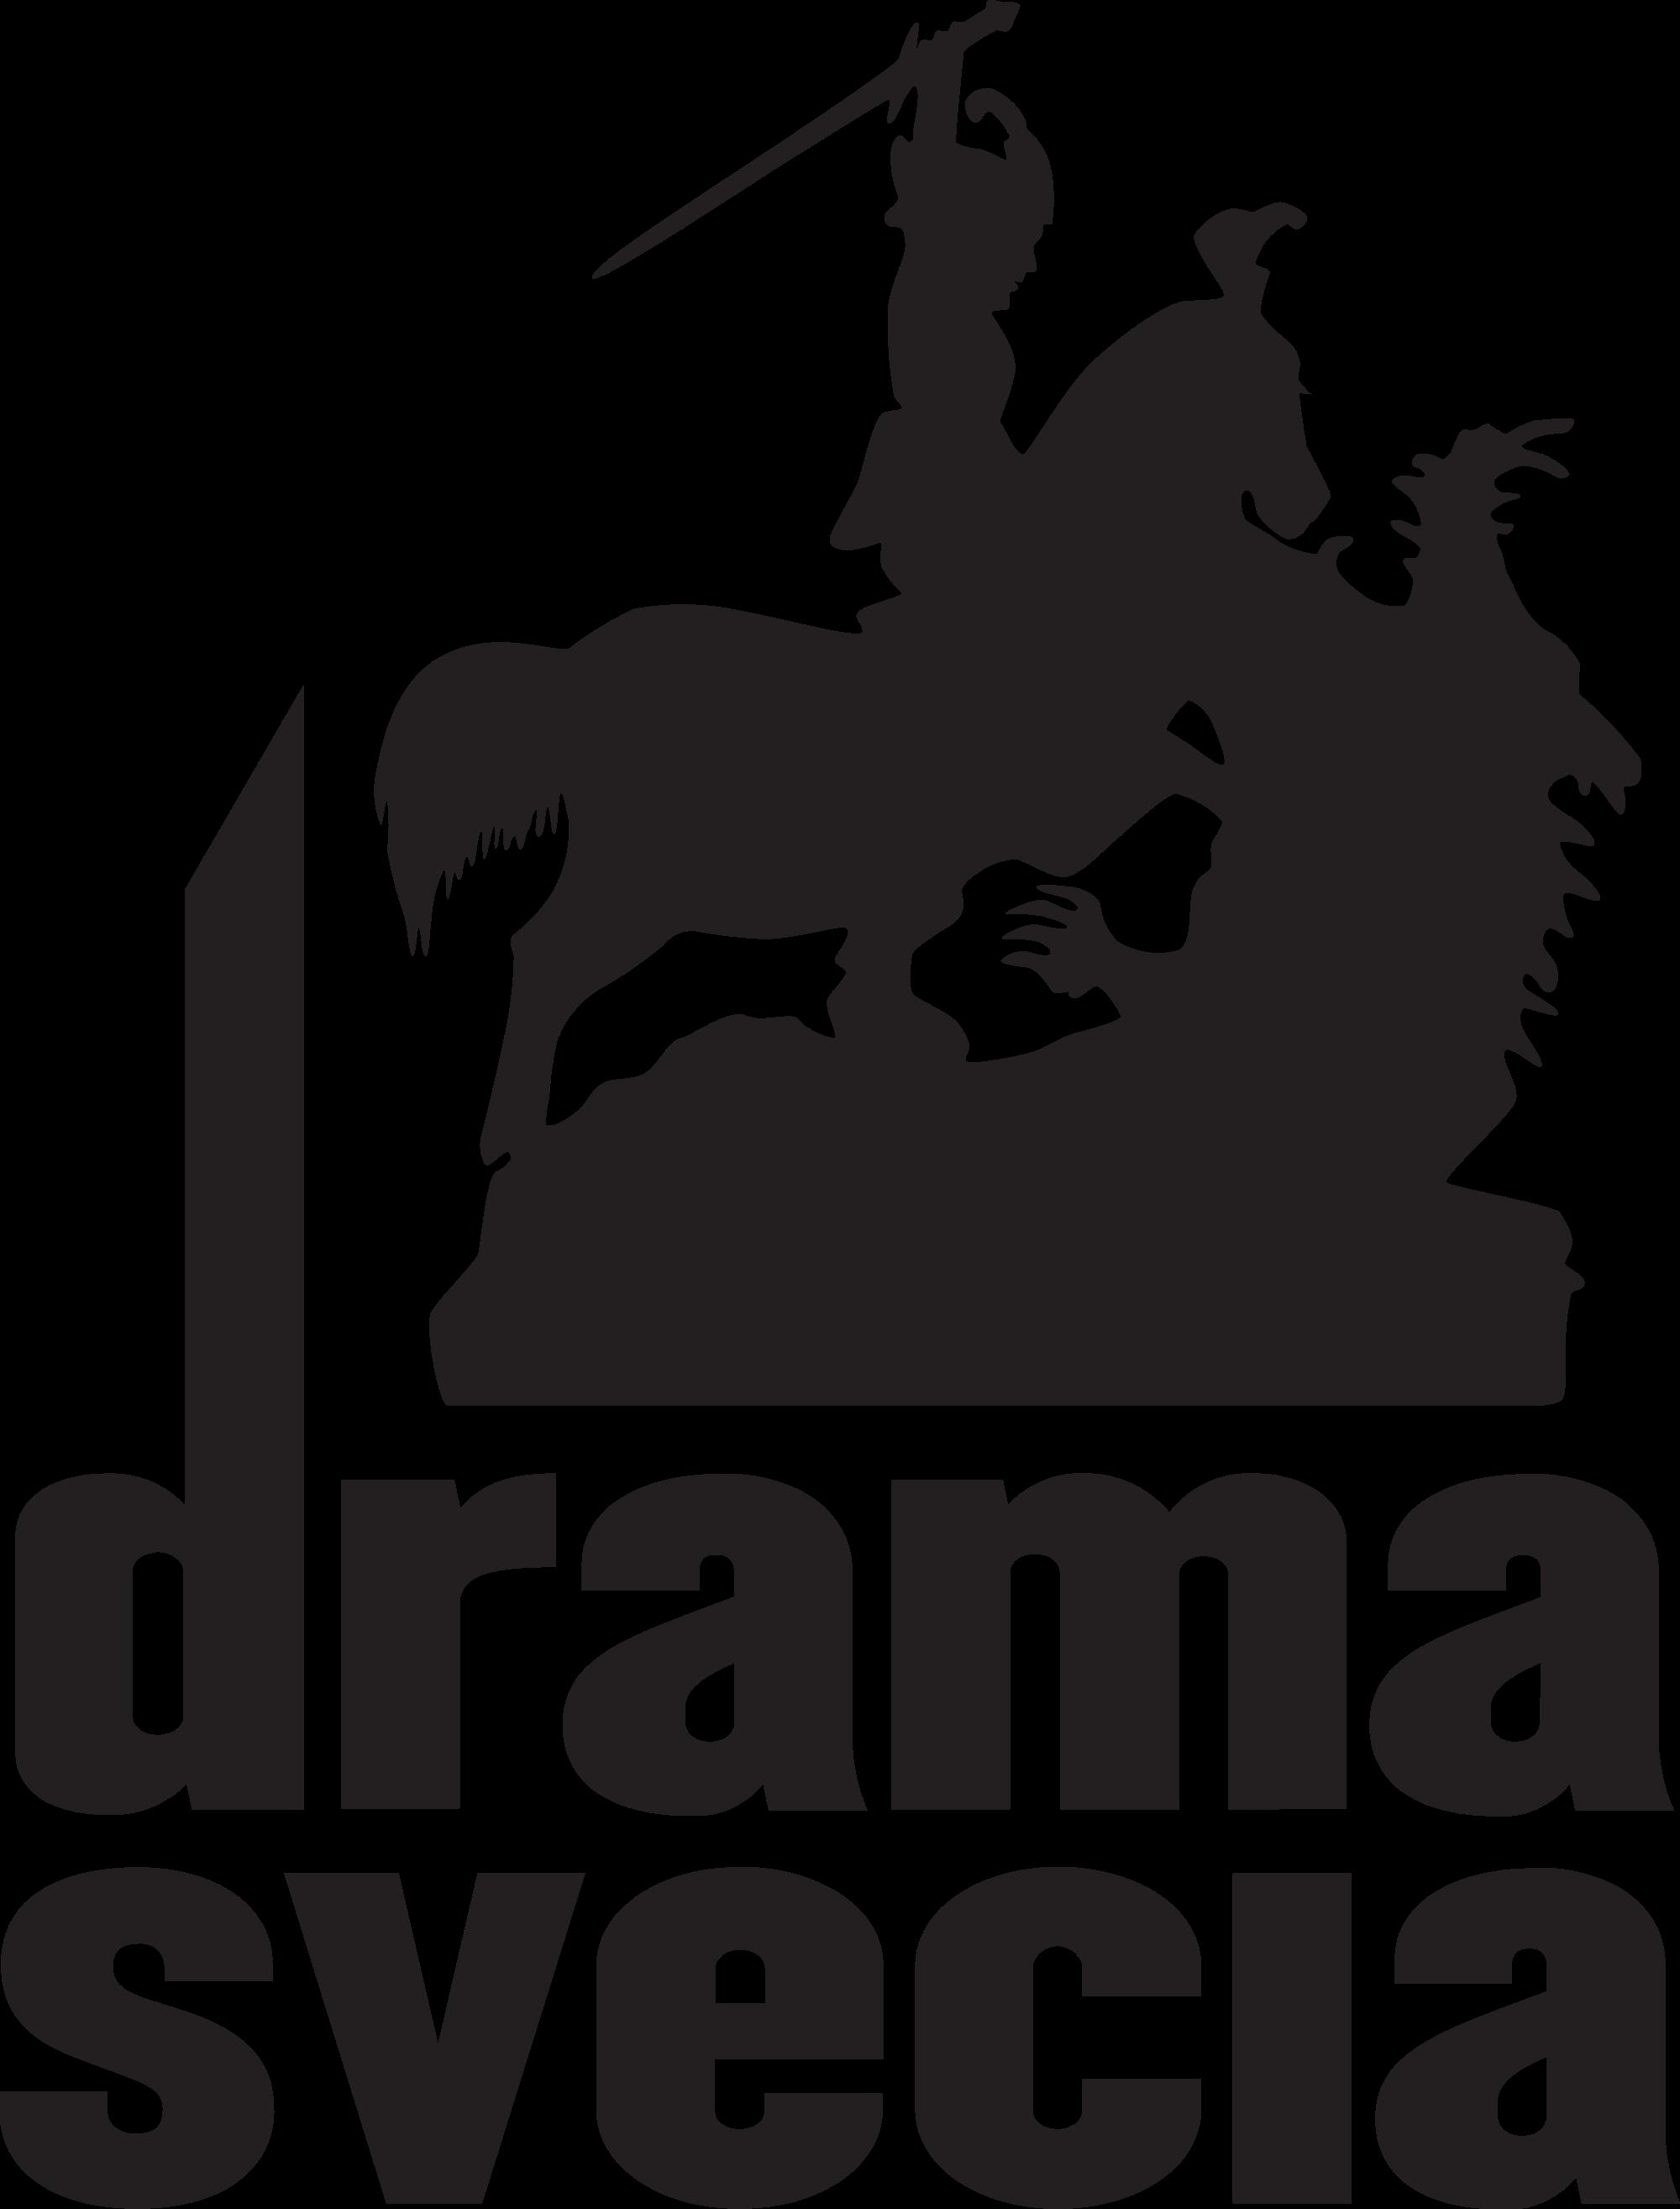 Drama Svecia